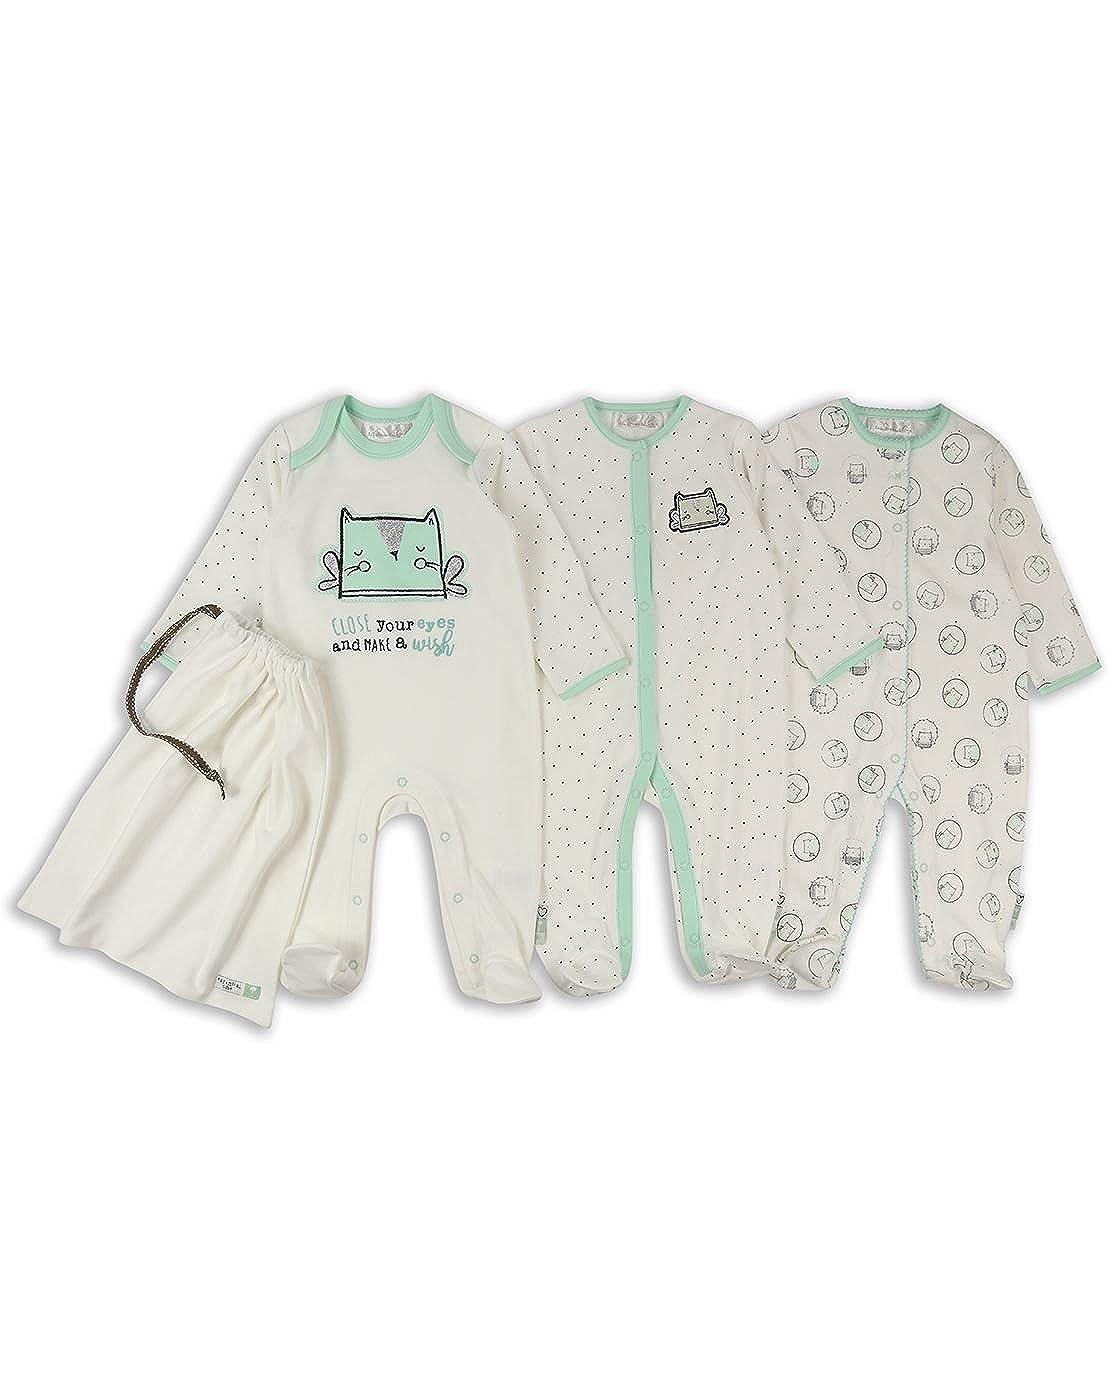 The Essential One - Bebé Niñas Deseo Pijama - Paquete de 3 - Crema - Recién Nacido 56cm - ESS214: Amazon.es: Ropa y accesorios